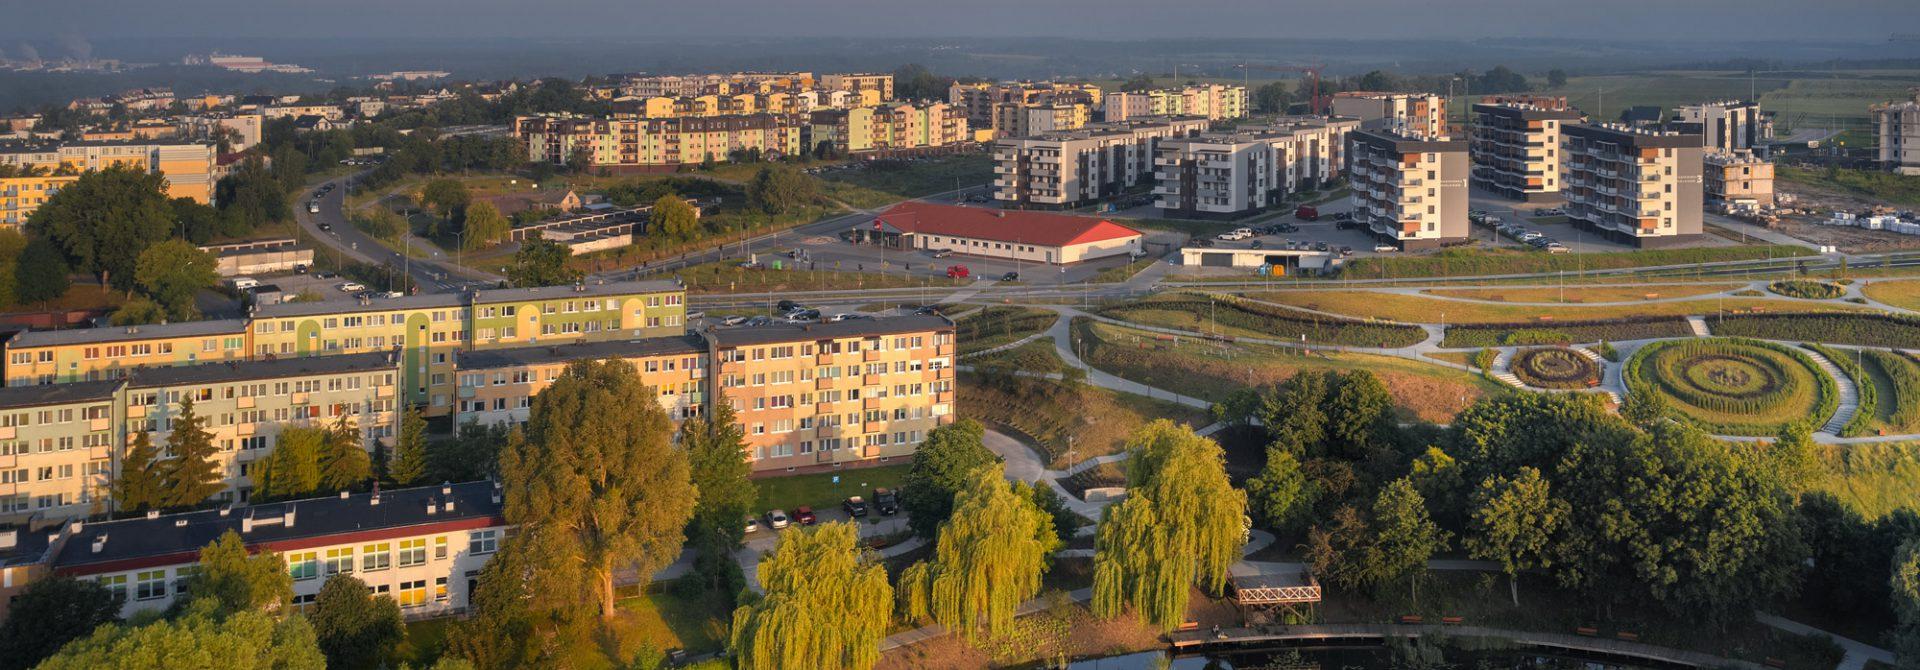 panorama miasta Świecie, widok z osiedlem nowych bloków